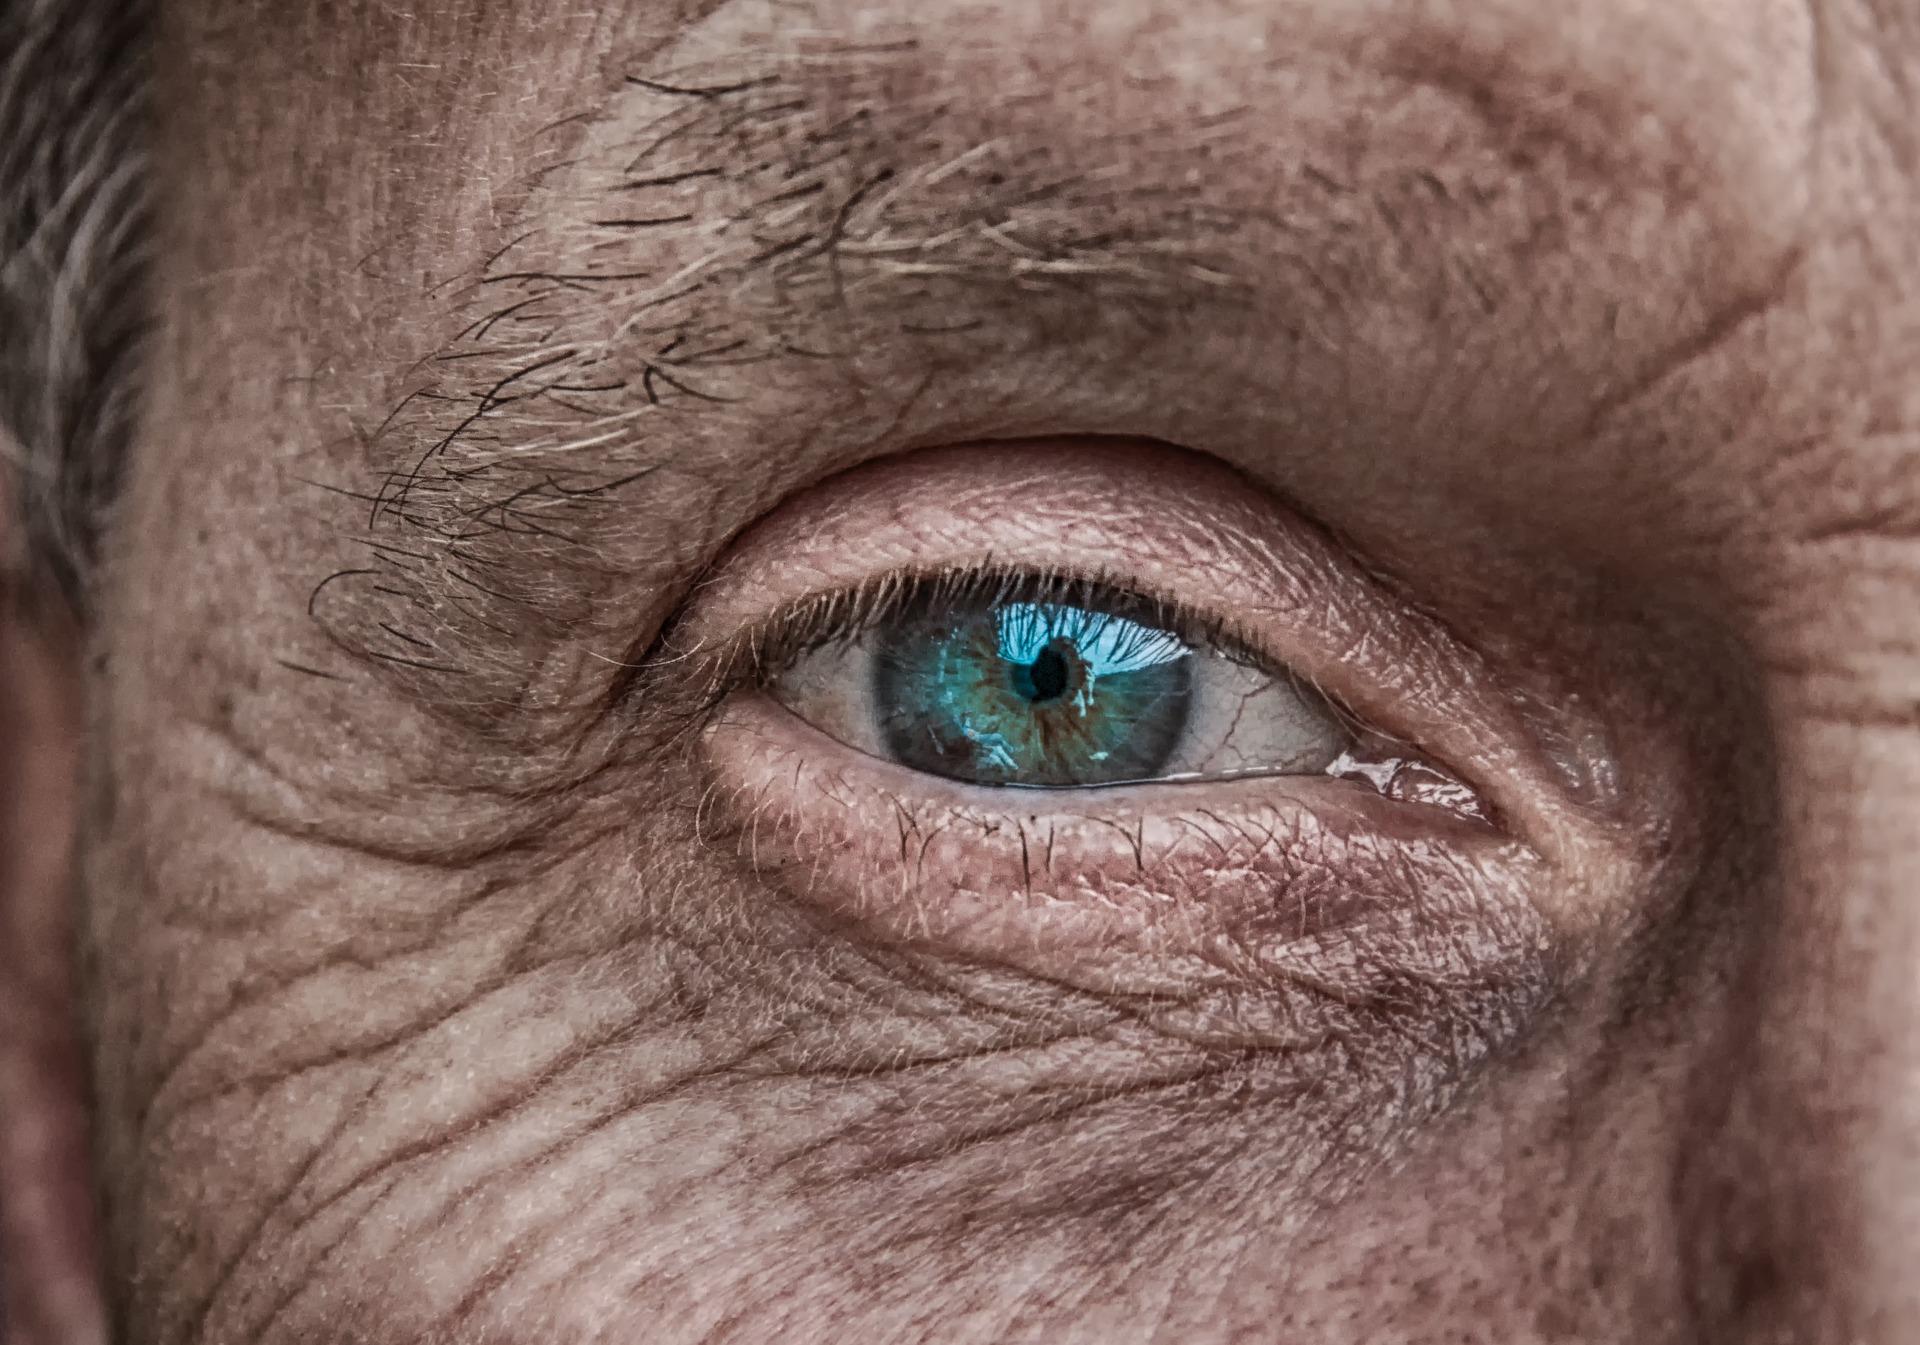 Los lentes blue filter (filtro de luz azul), ideales para combatir la fatiga visual